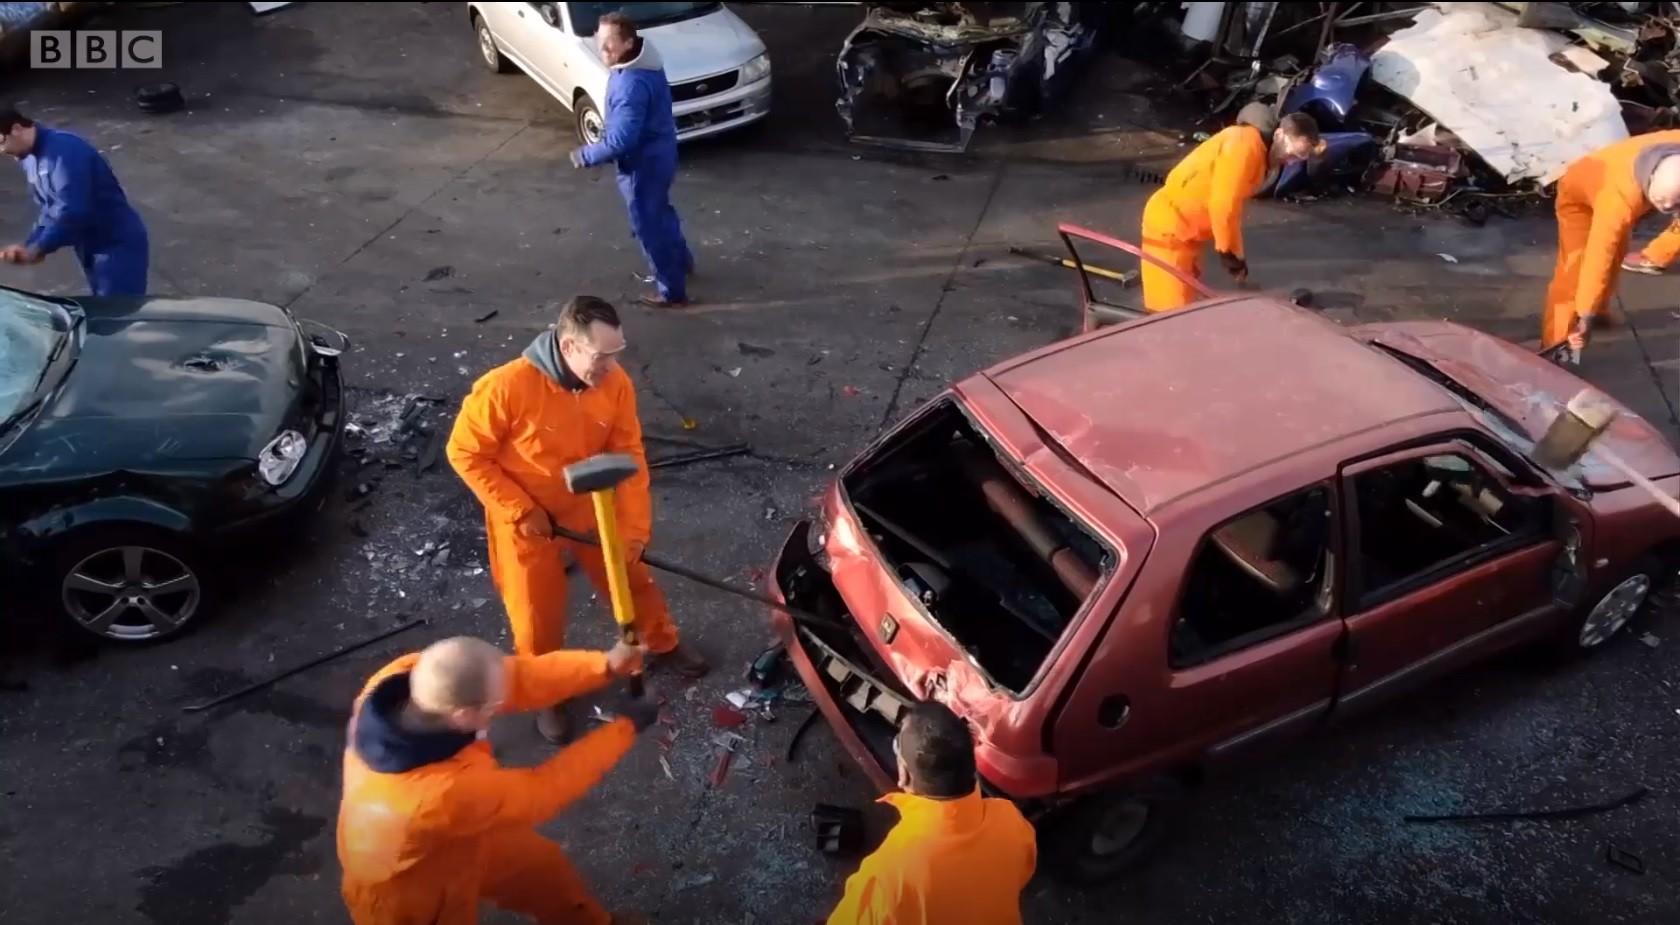 Empresa holandesa providencia ferramentas de destruição e kits de segurança  (Foto: BBC)